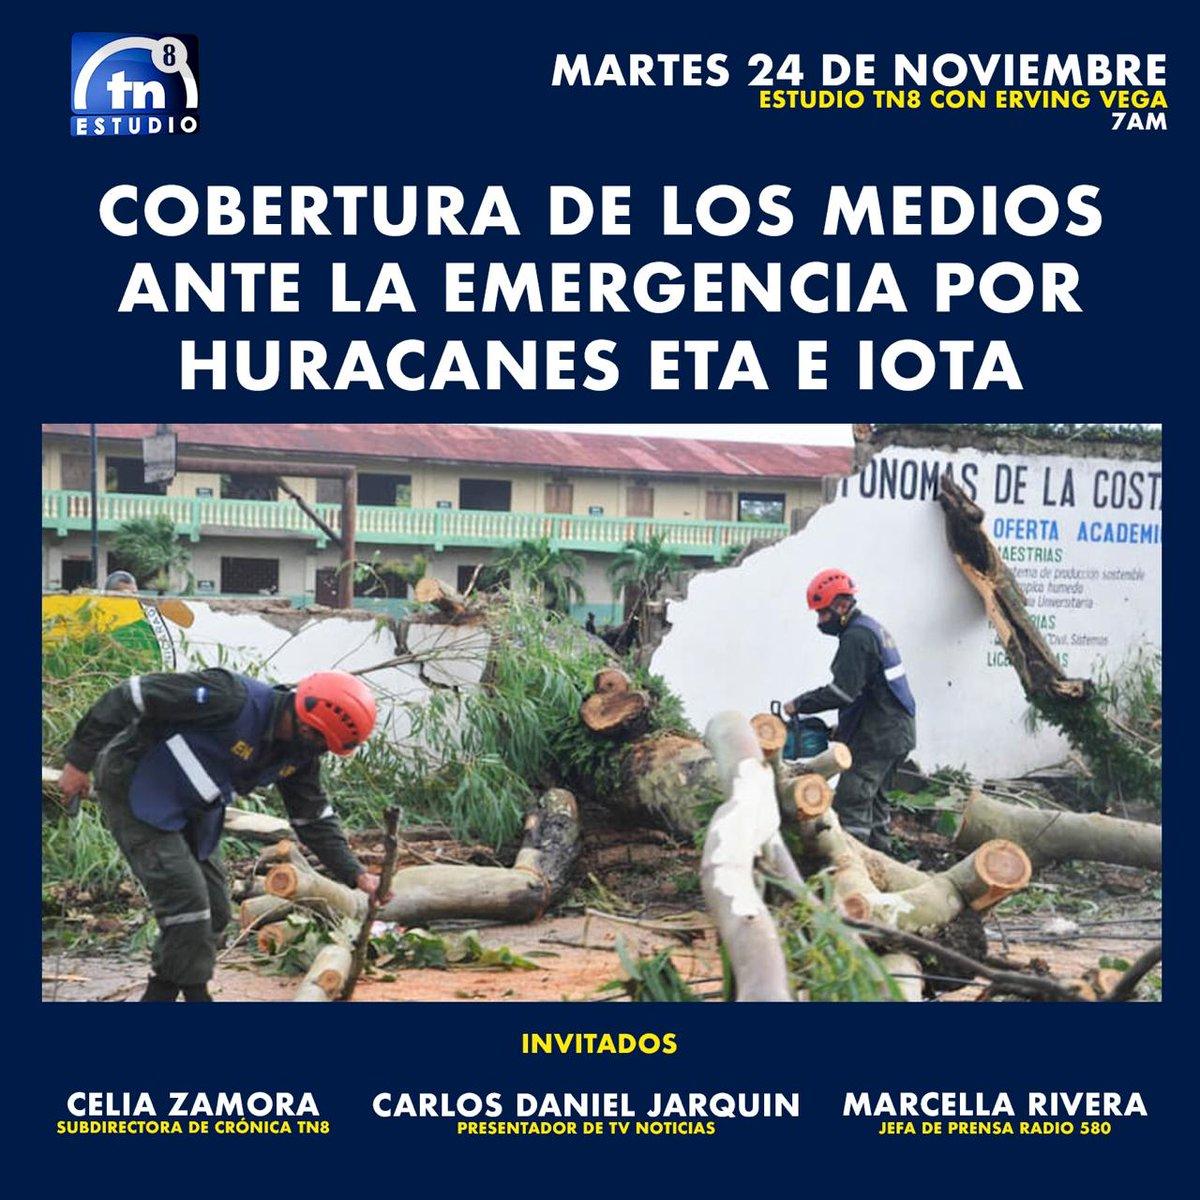 Este martes en #EstudioTN8 con @ervingvegaTN8   Analizaremos cómo fue la cobertura de los medios ante la emergencia por los huracanes #Eta e #Iota con @Daniel_Jarquin, @SoloCelia y Marcella Rivera   Los esperamos desde las 7 de la mañana